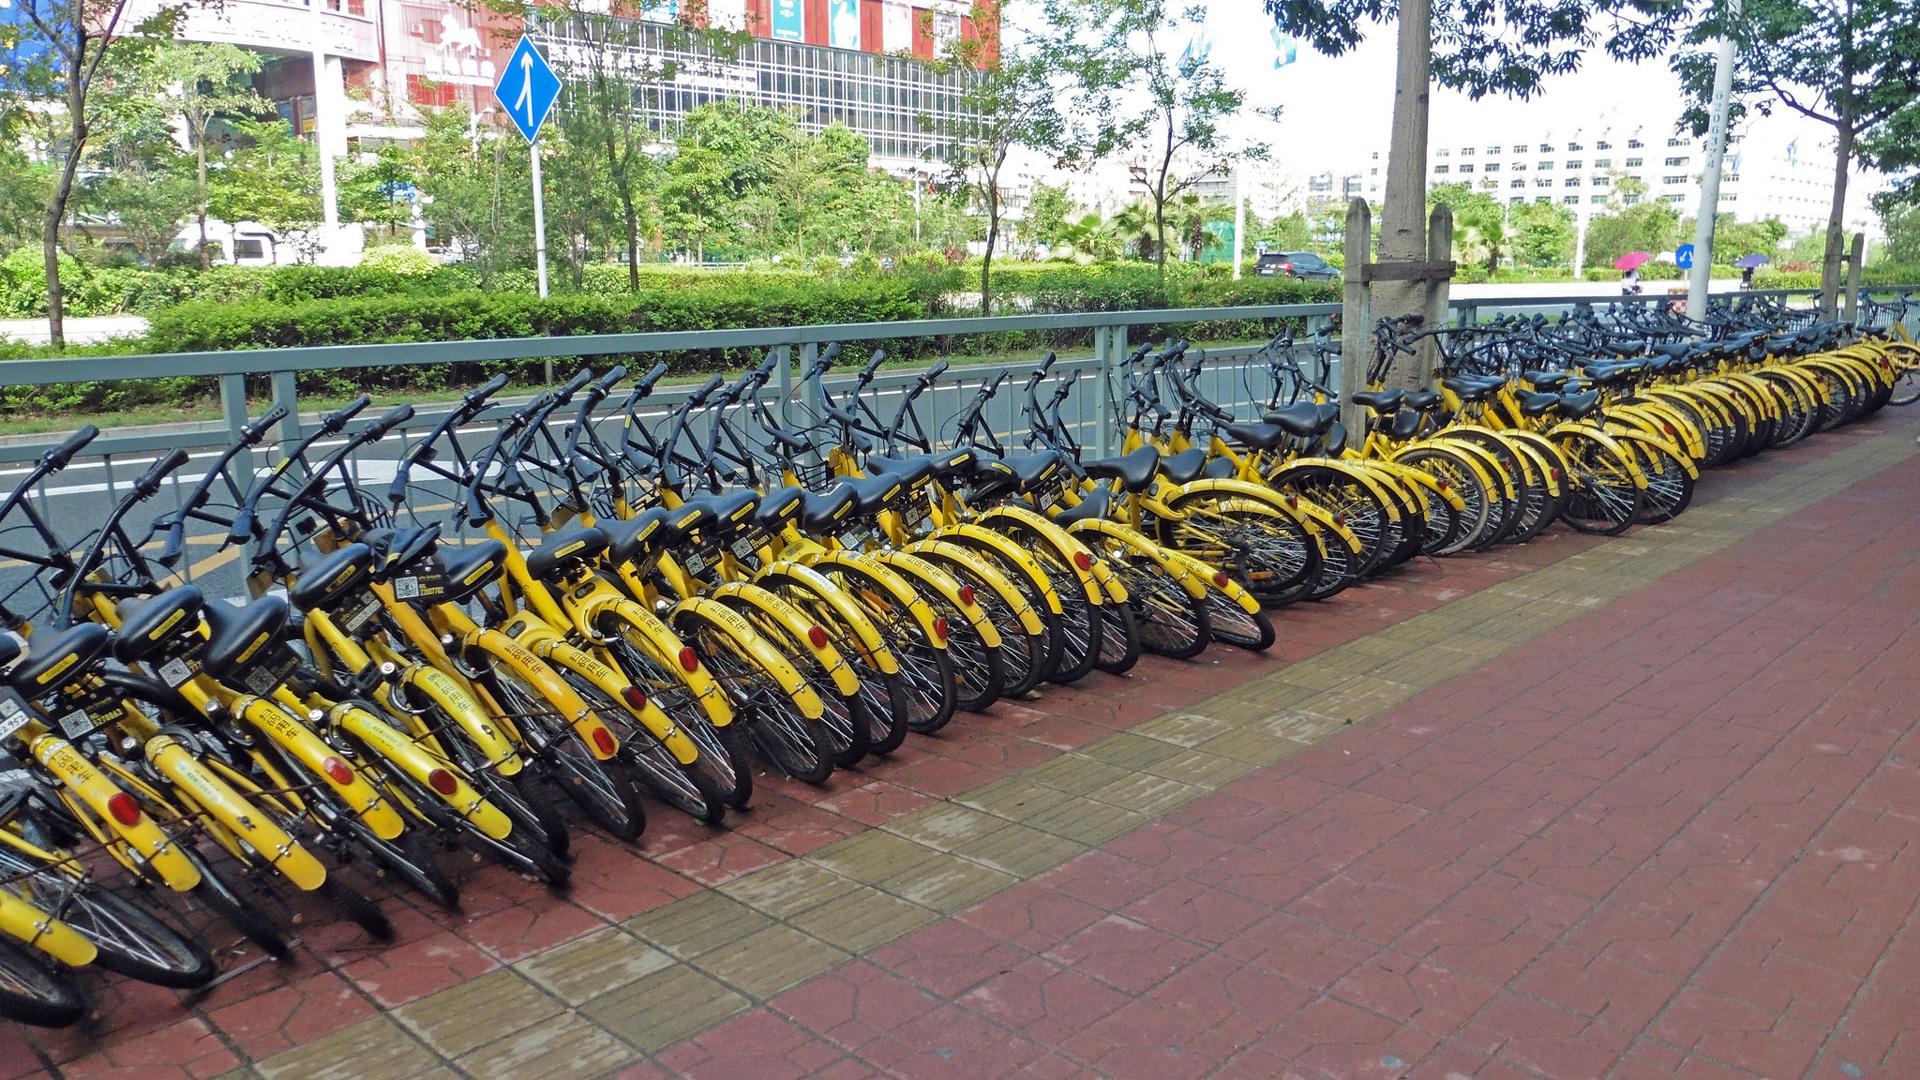 Ganz viele Ofo Fahrräder liegen aneinander gelehnt in der Nähe eines Blindenleitlinienstreifens.